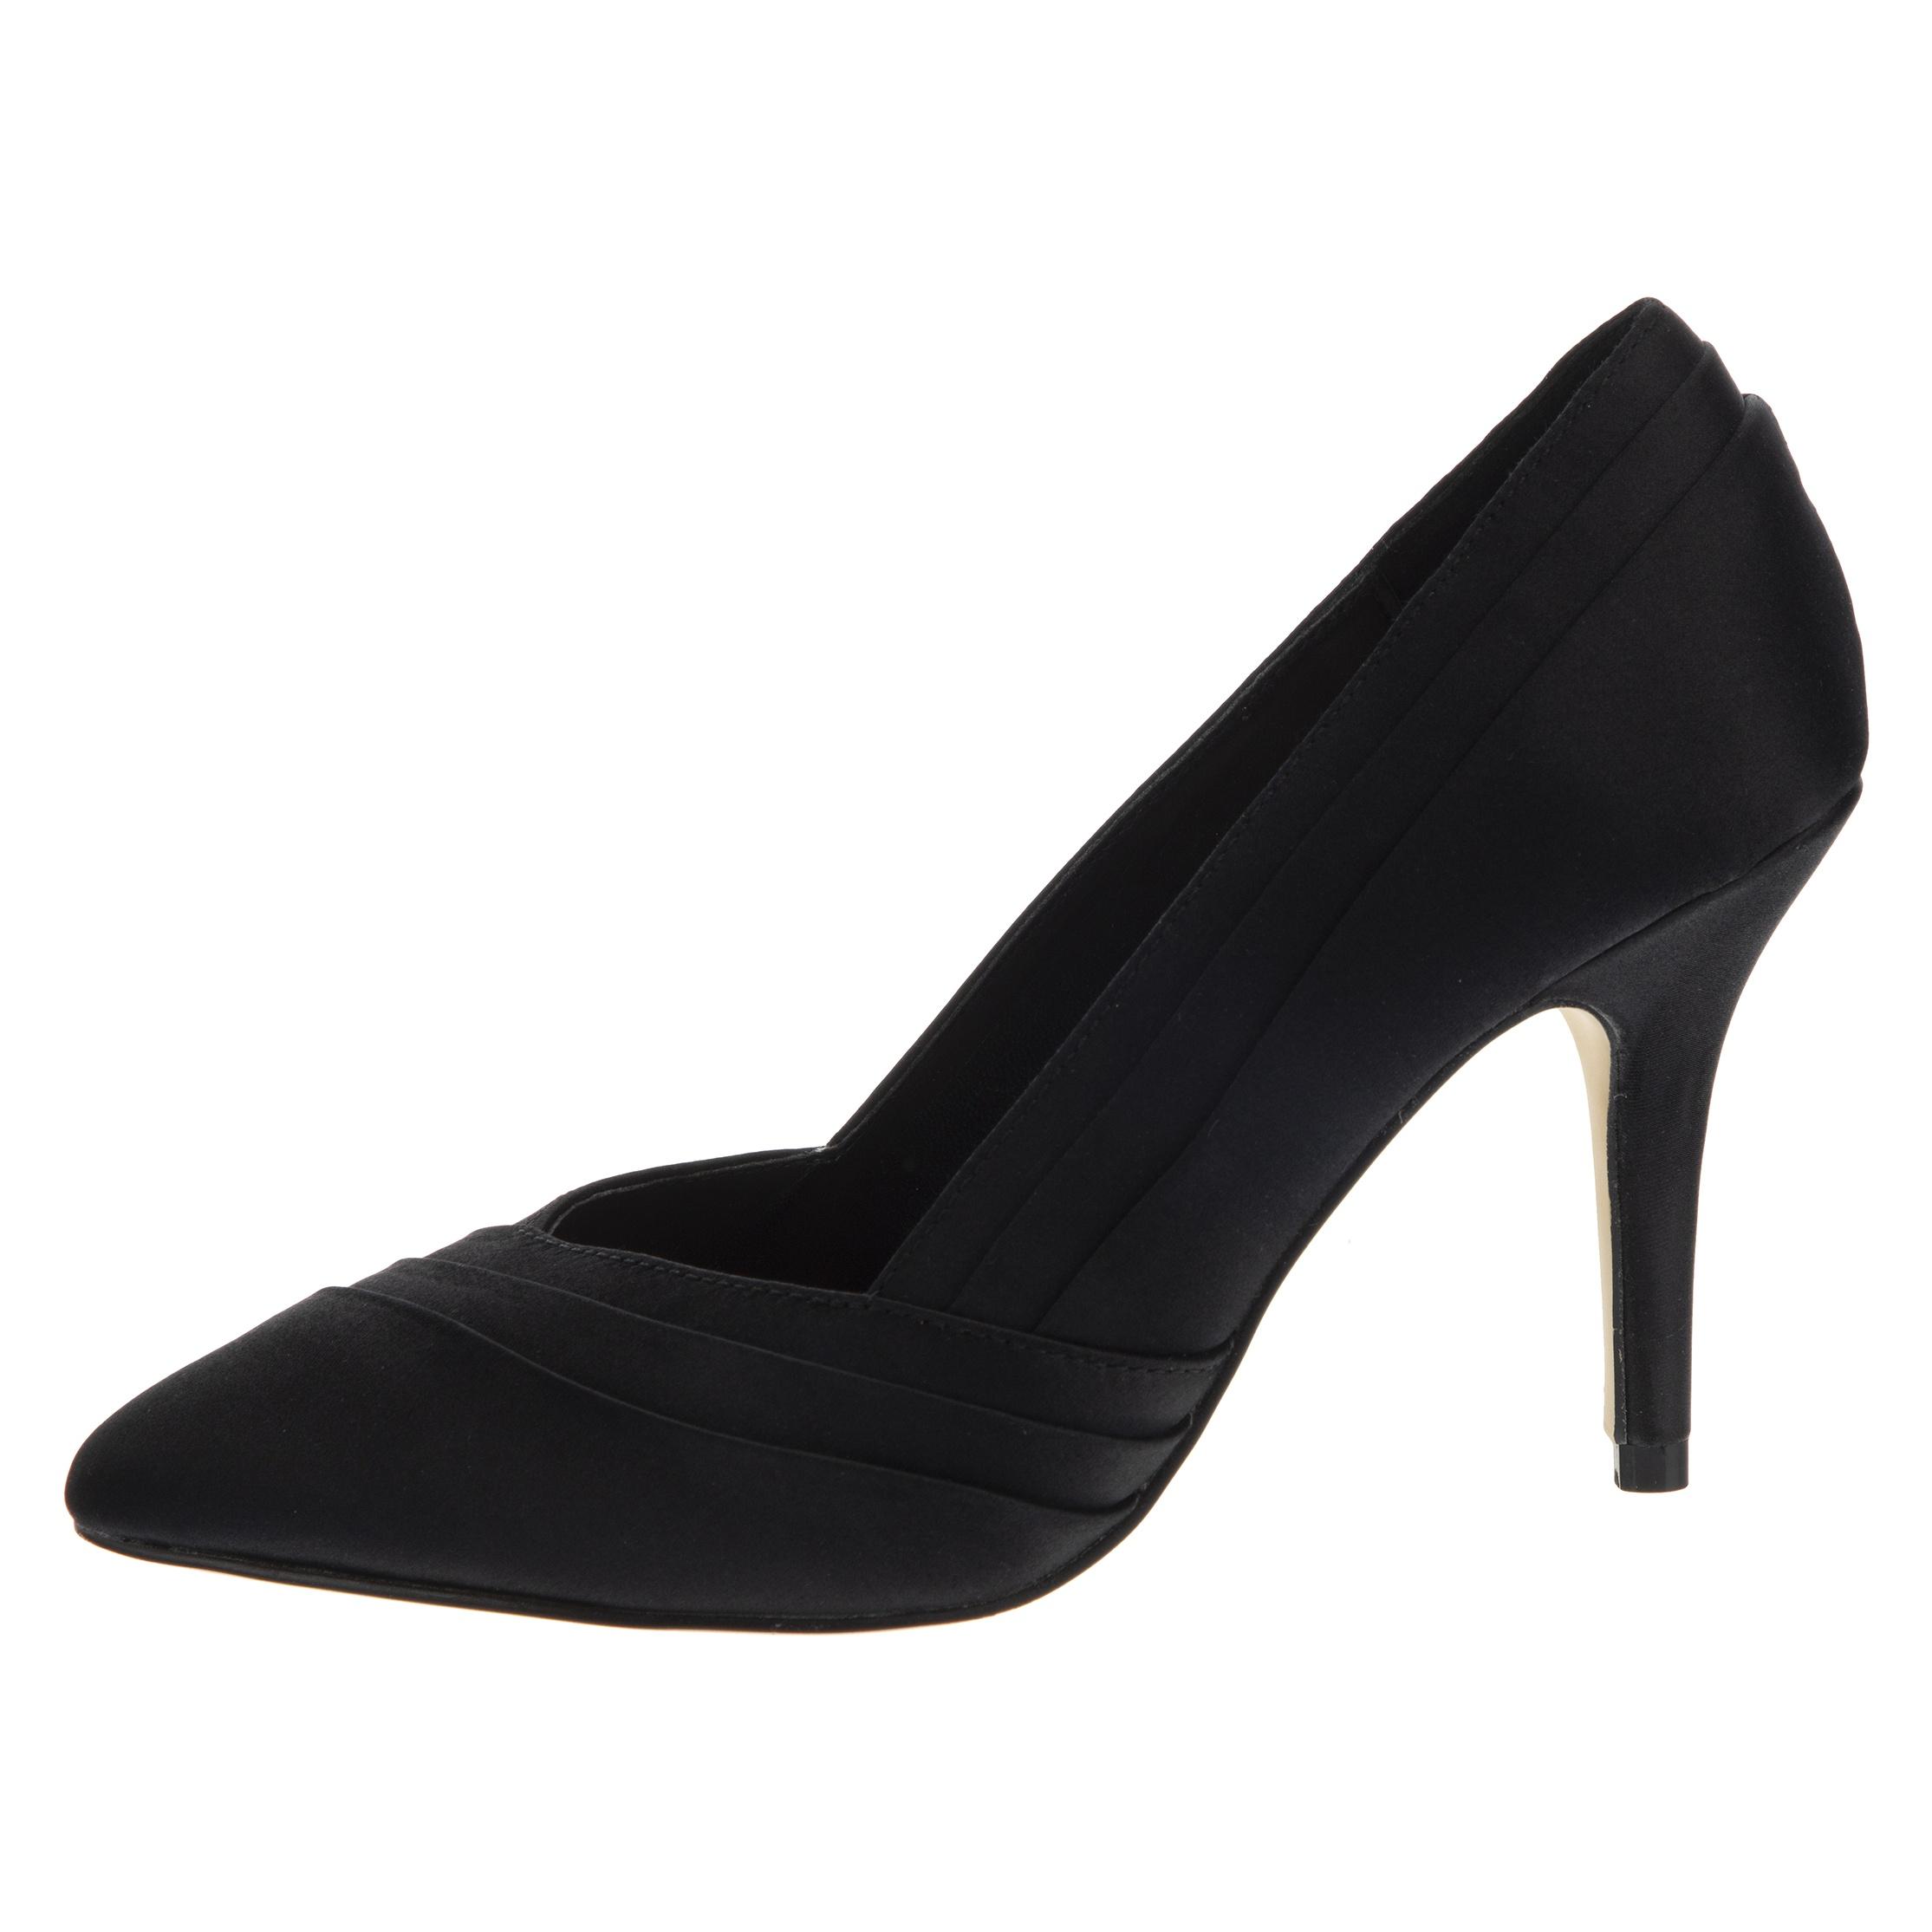 تصویر کفش زنانه منبور مدل 06604-BL